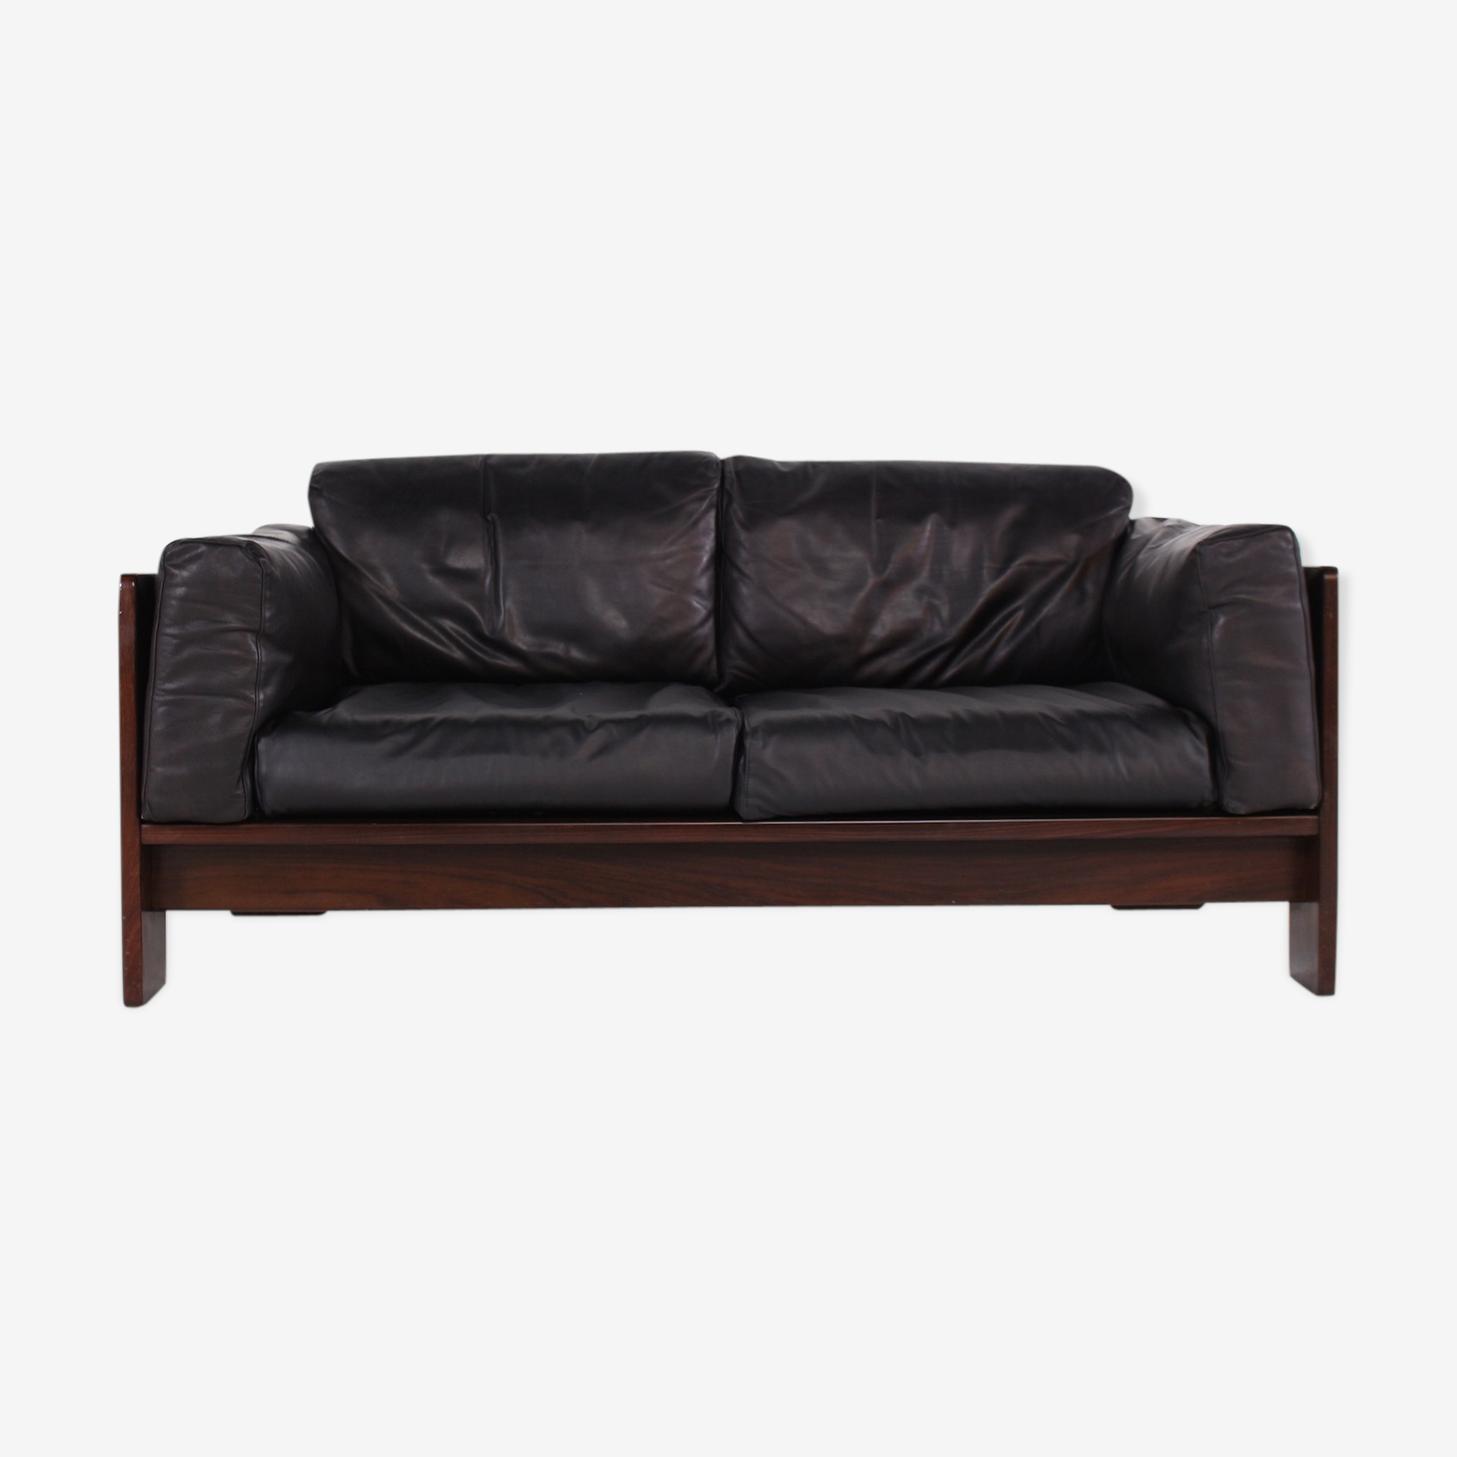 """Sofa model """"bastiano"""" by Tobia Scarpa for Gavina"""